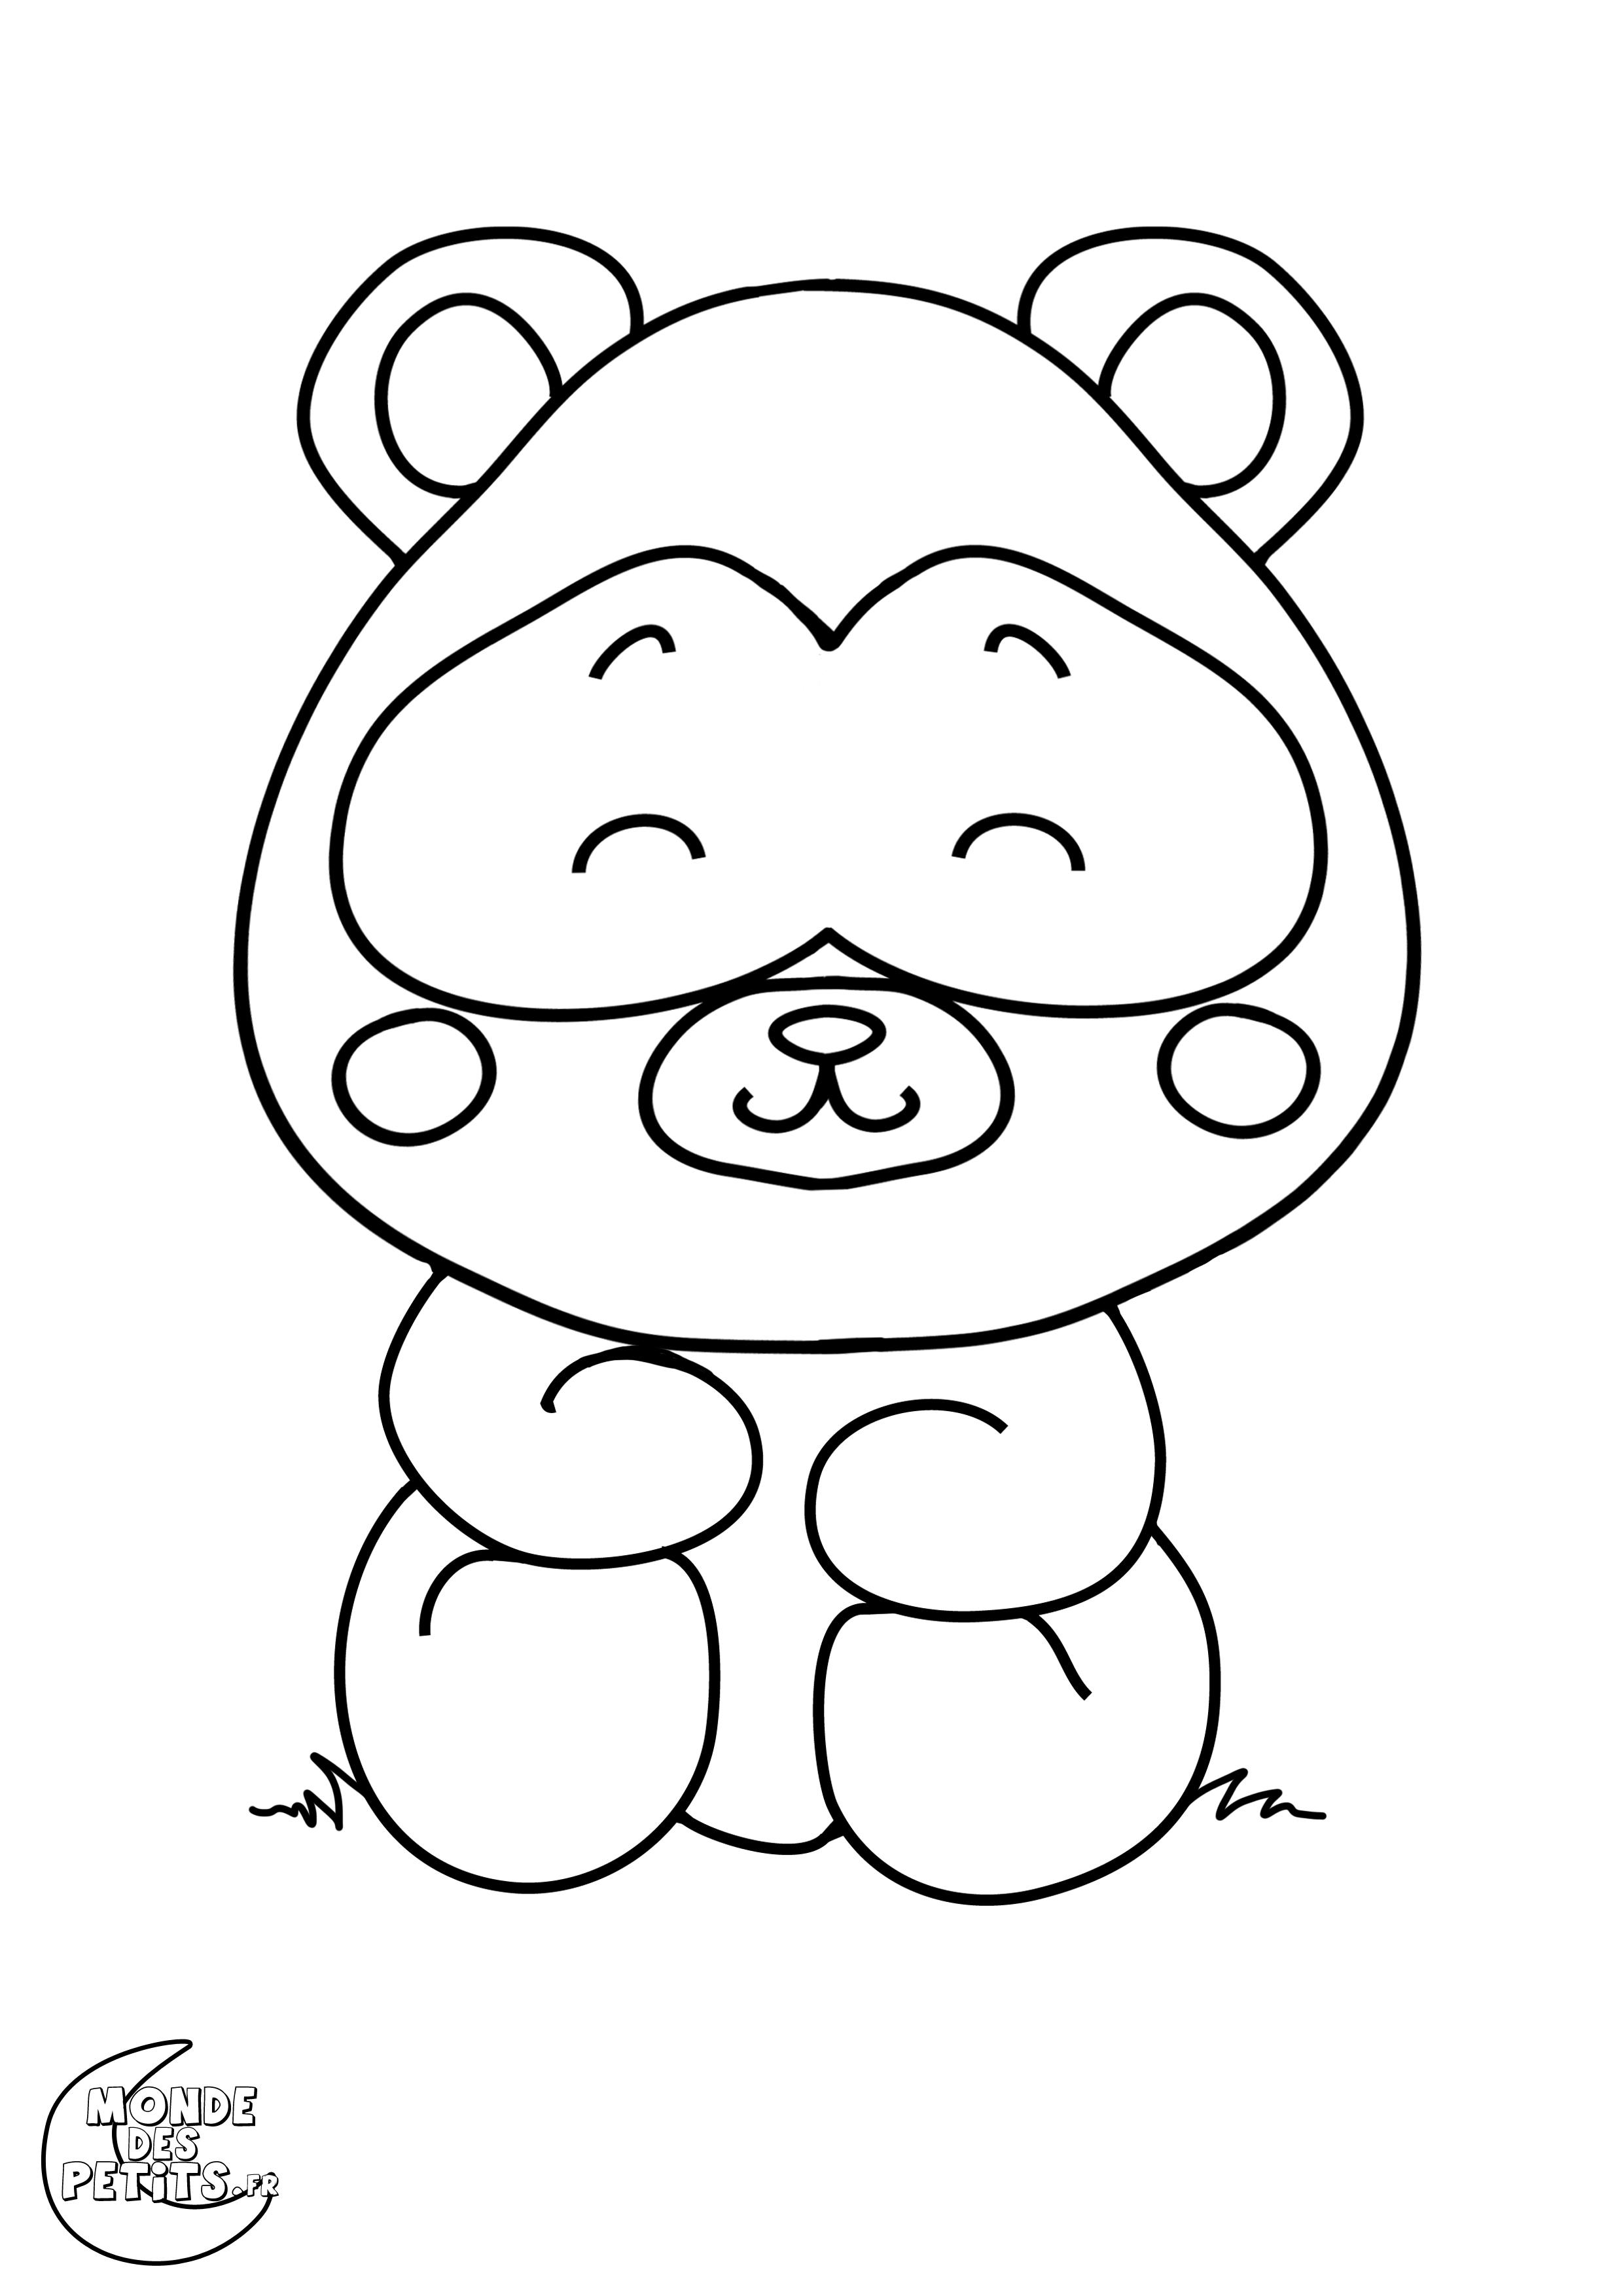 Monde des petits coloriages imprimer - Panda coloriage ...